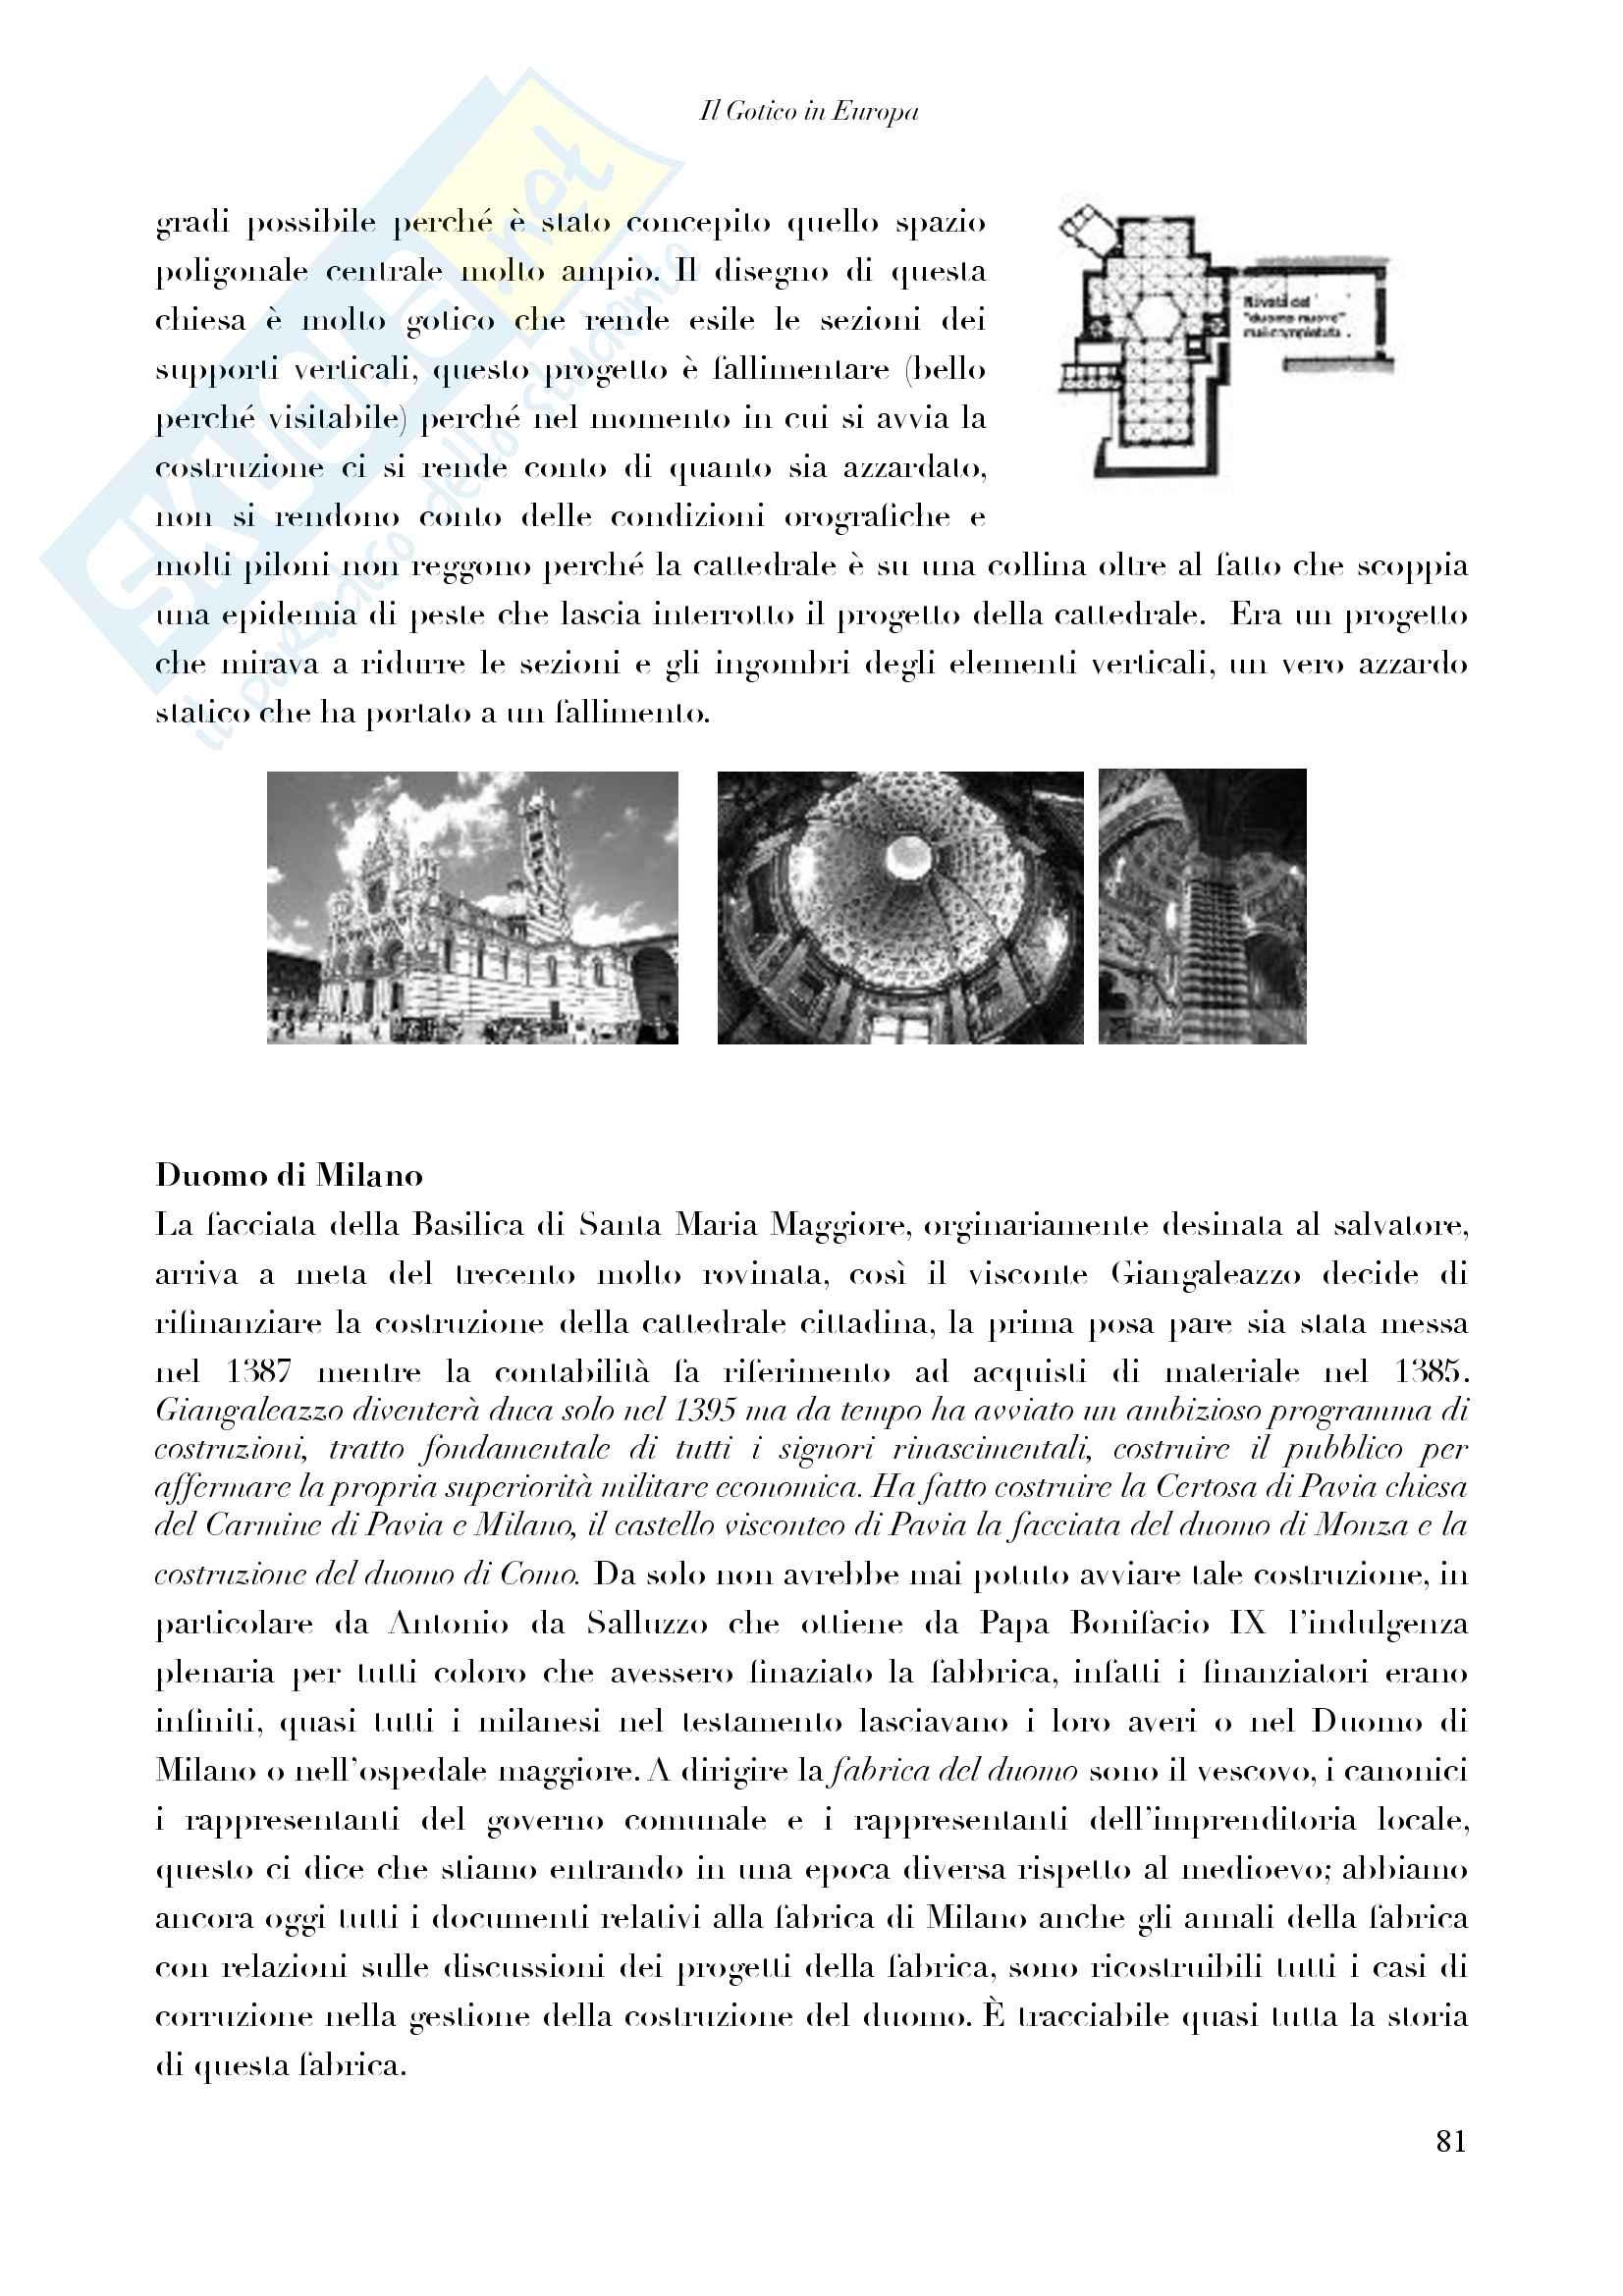 Riassunto completo + Iimmagini - Storia Architettura I - Dall'Antica Grecia al Rinascimento Italiano Pag. 81